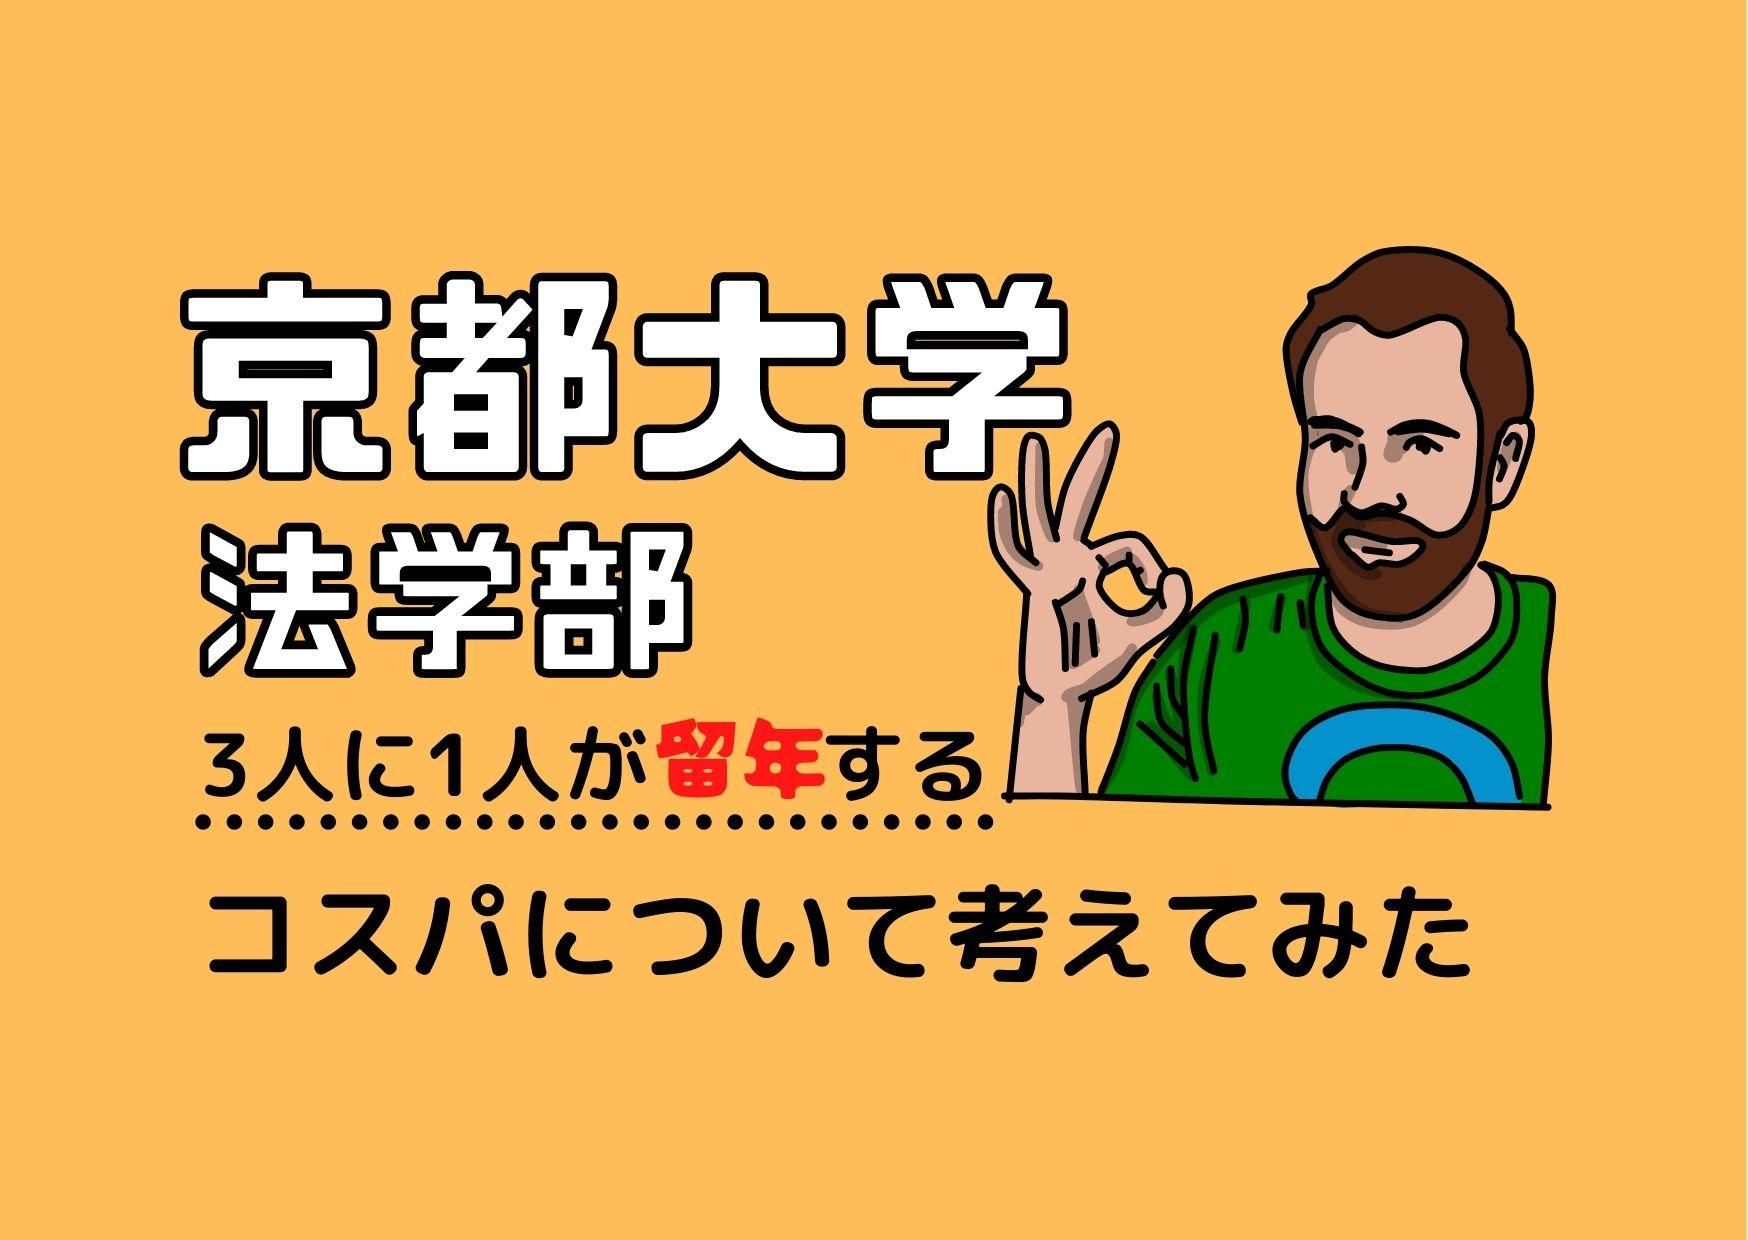 【受験生必見】3人に1人が留年!?京大法学部のコスパについて考えてみた。